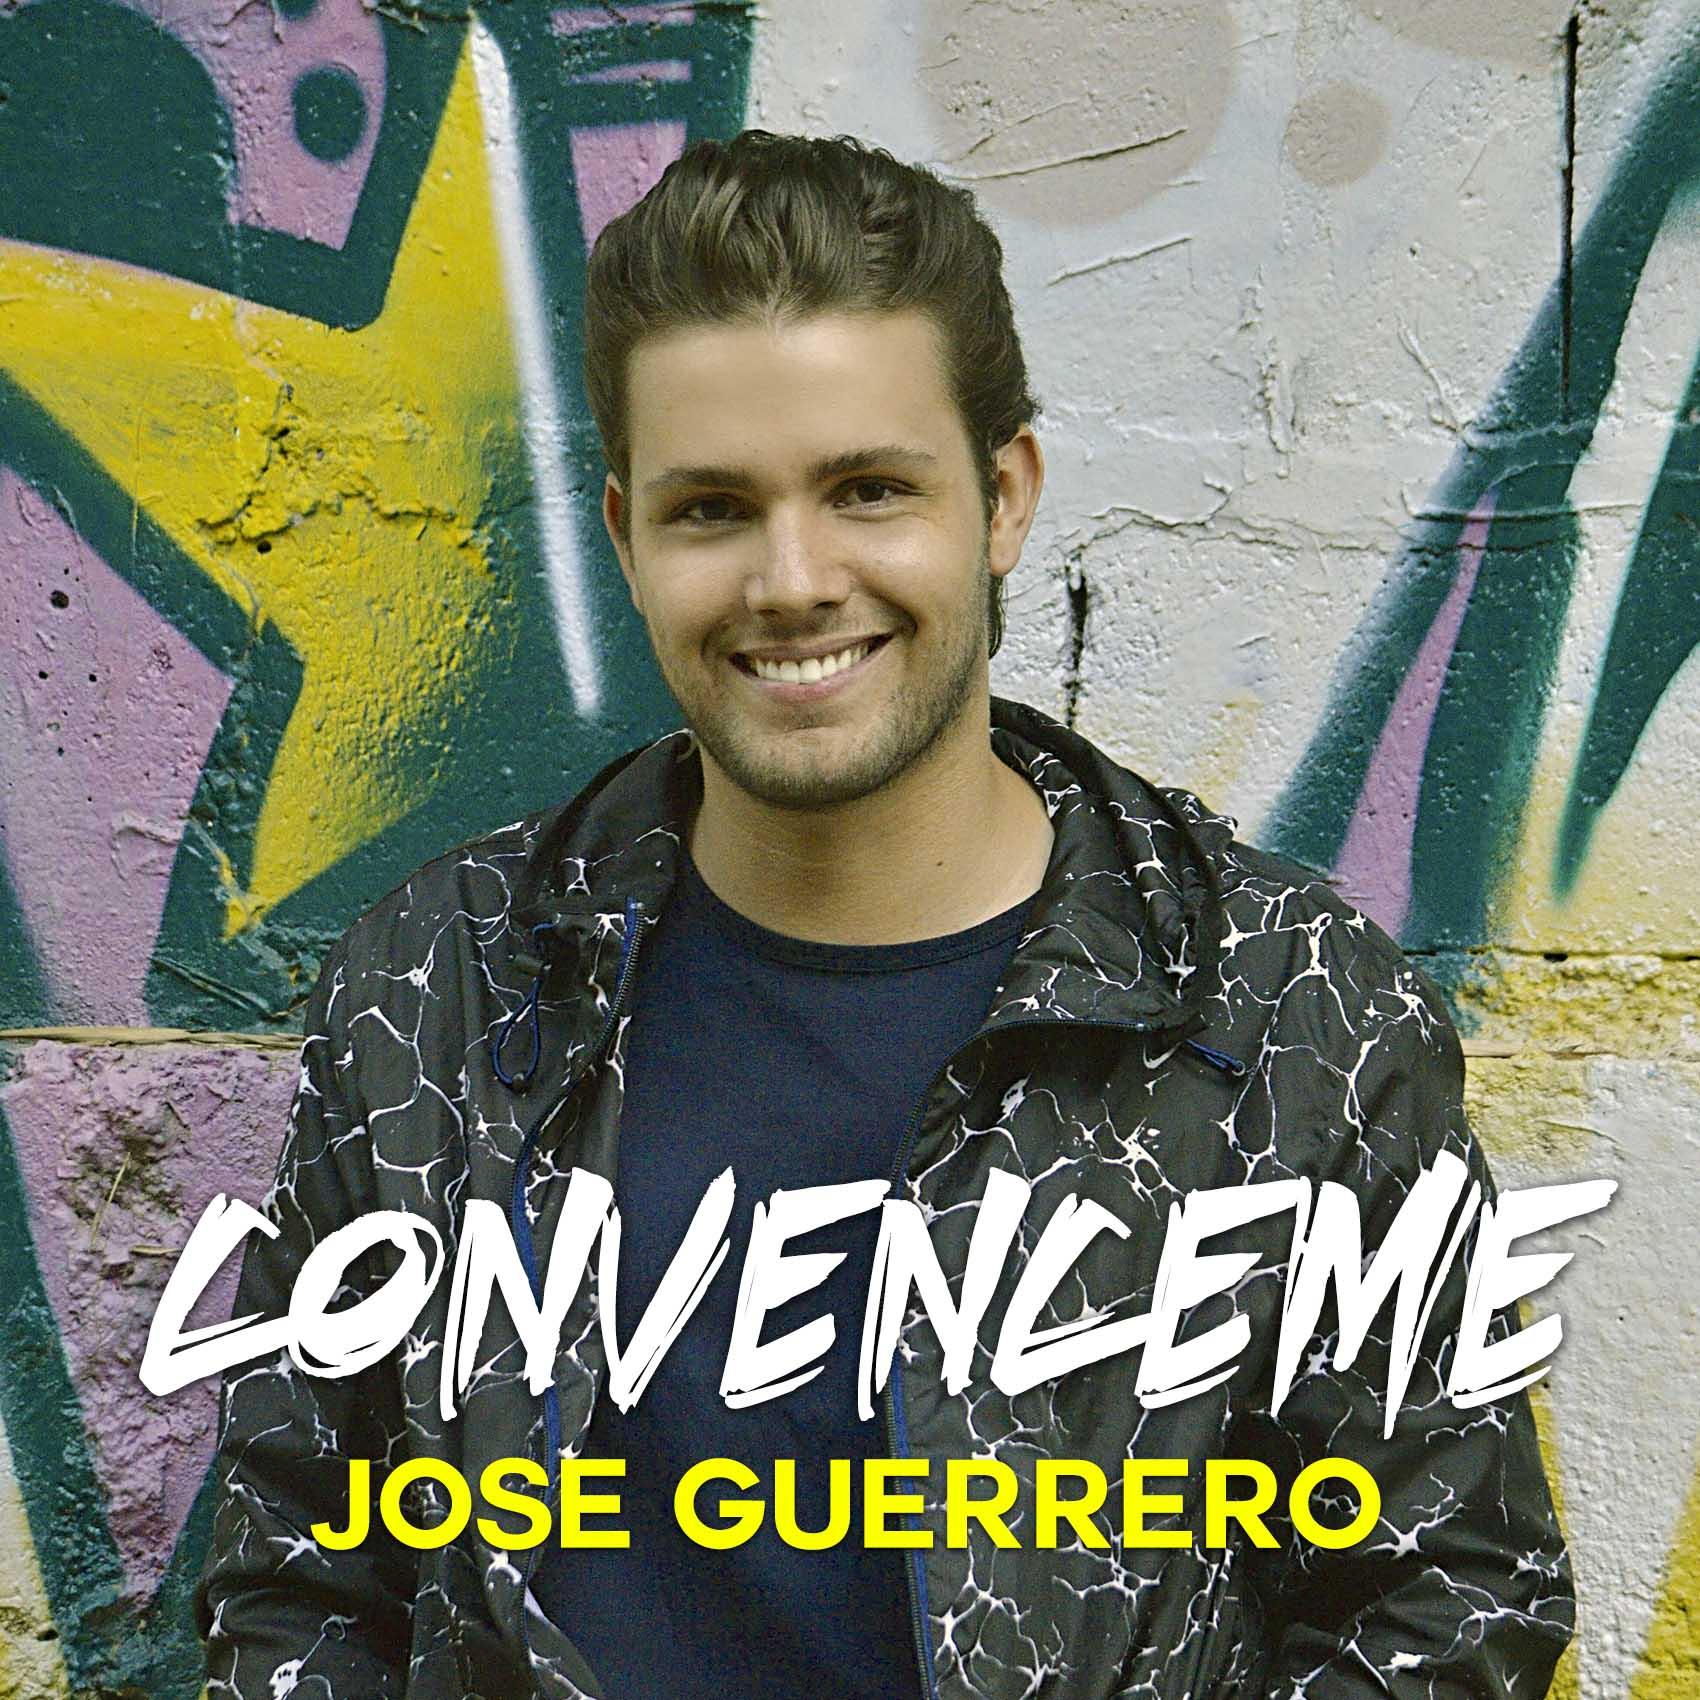 """Convenceme"""" el debut de Jose Guerrero - """"Convenceme"""", el debut de Jose Guerrero"""